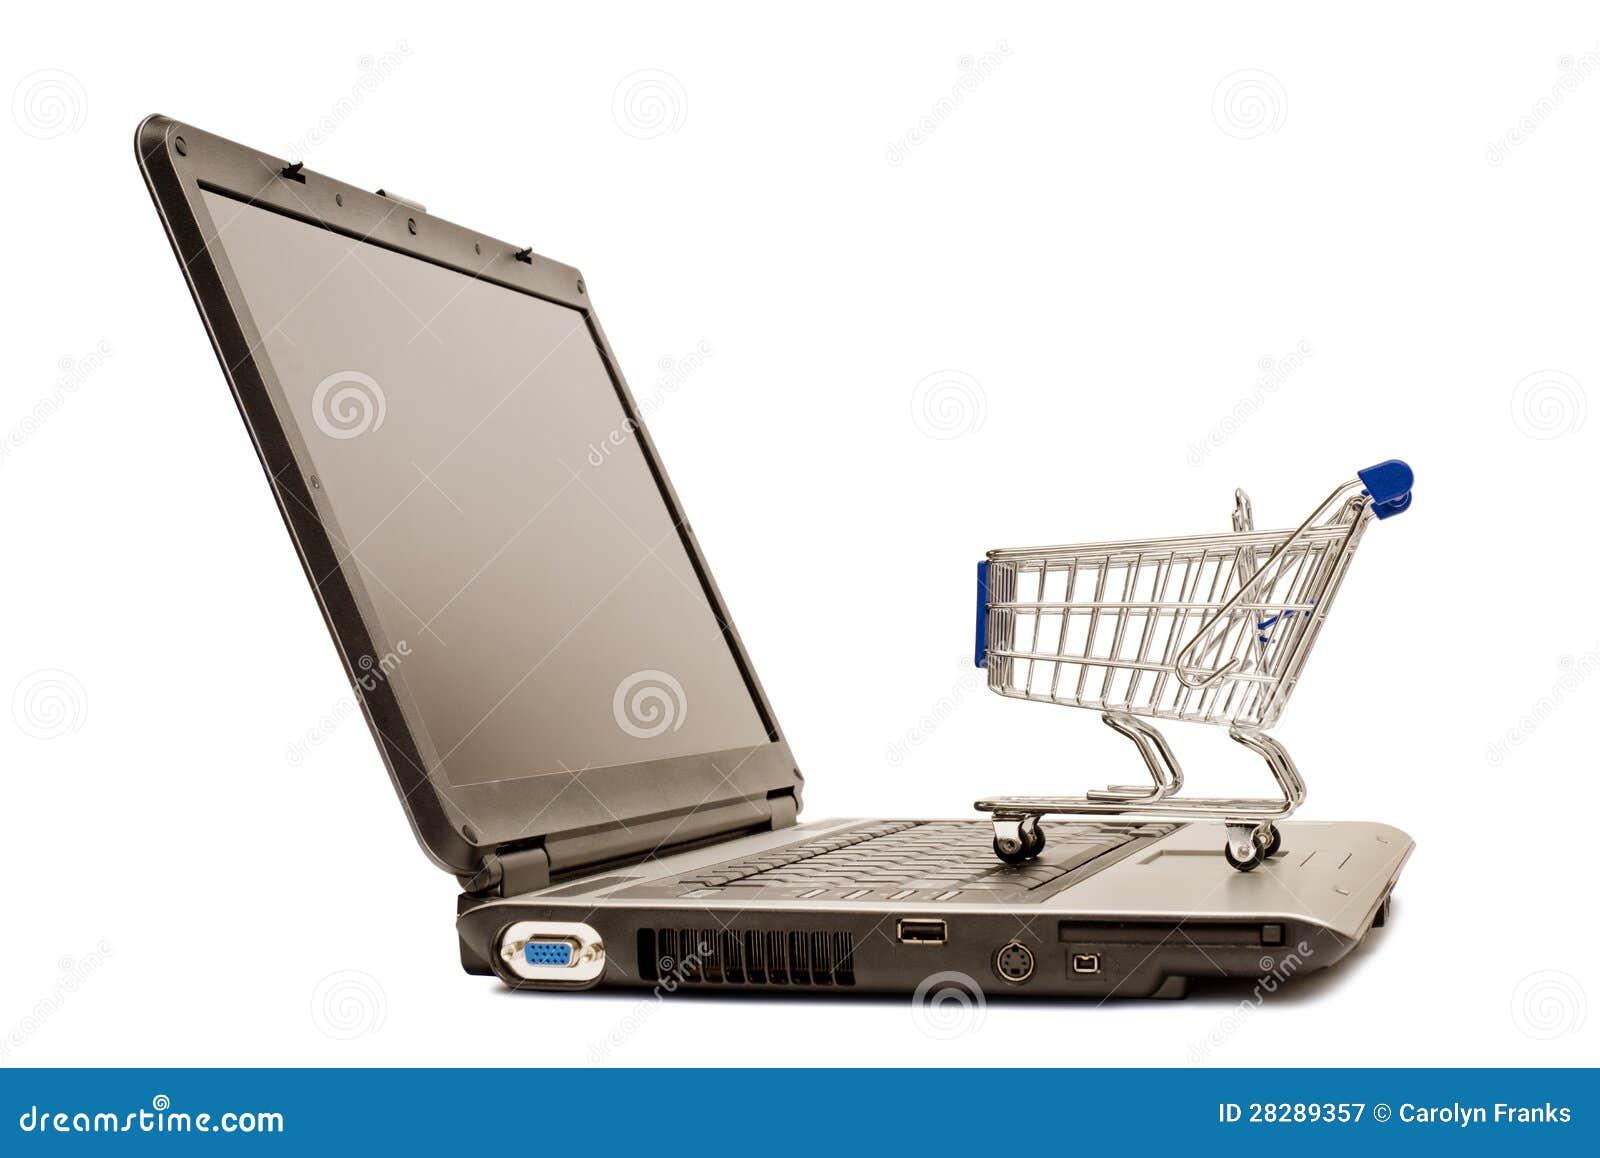 Notebook online shopping